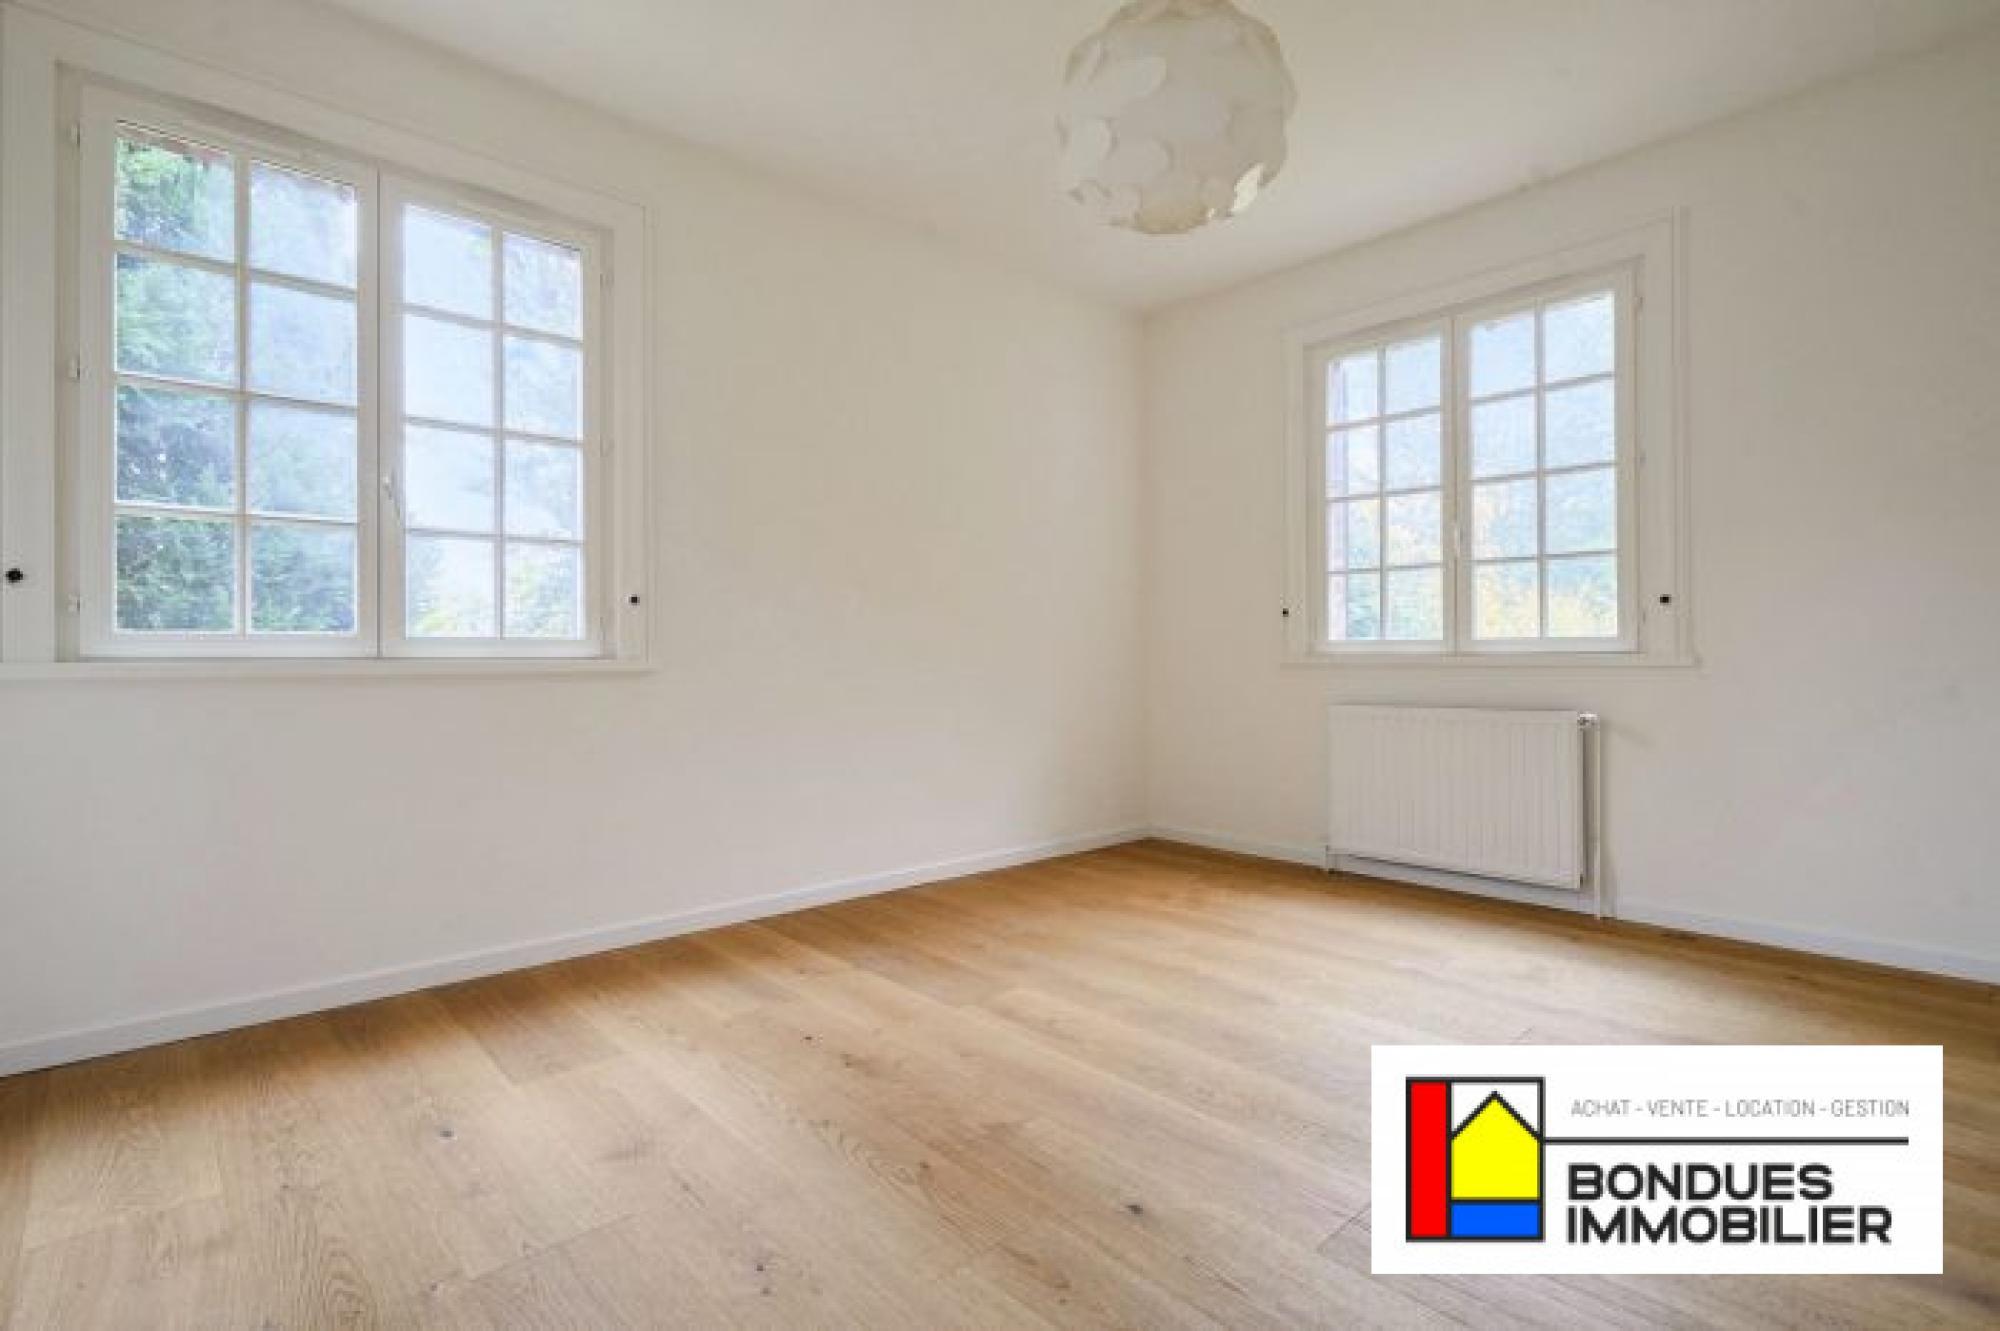 vente maison bondues refVM420 (8)